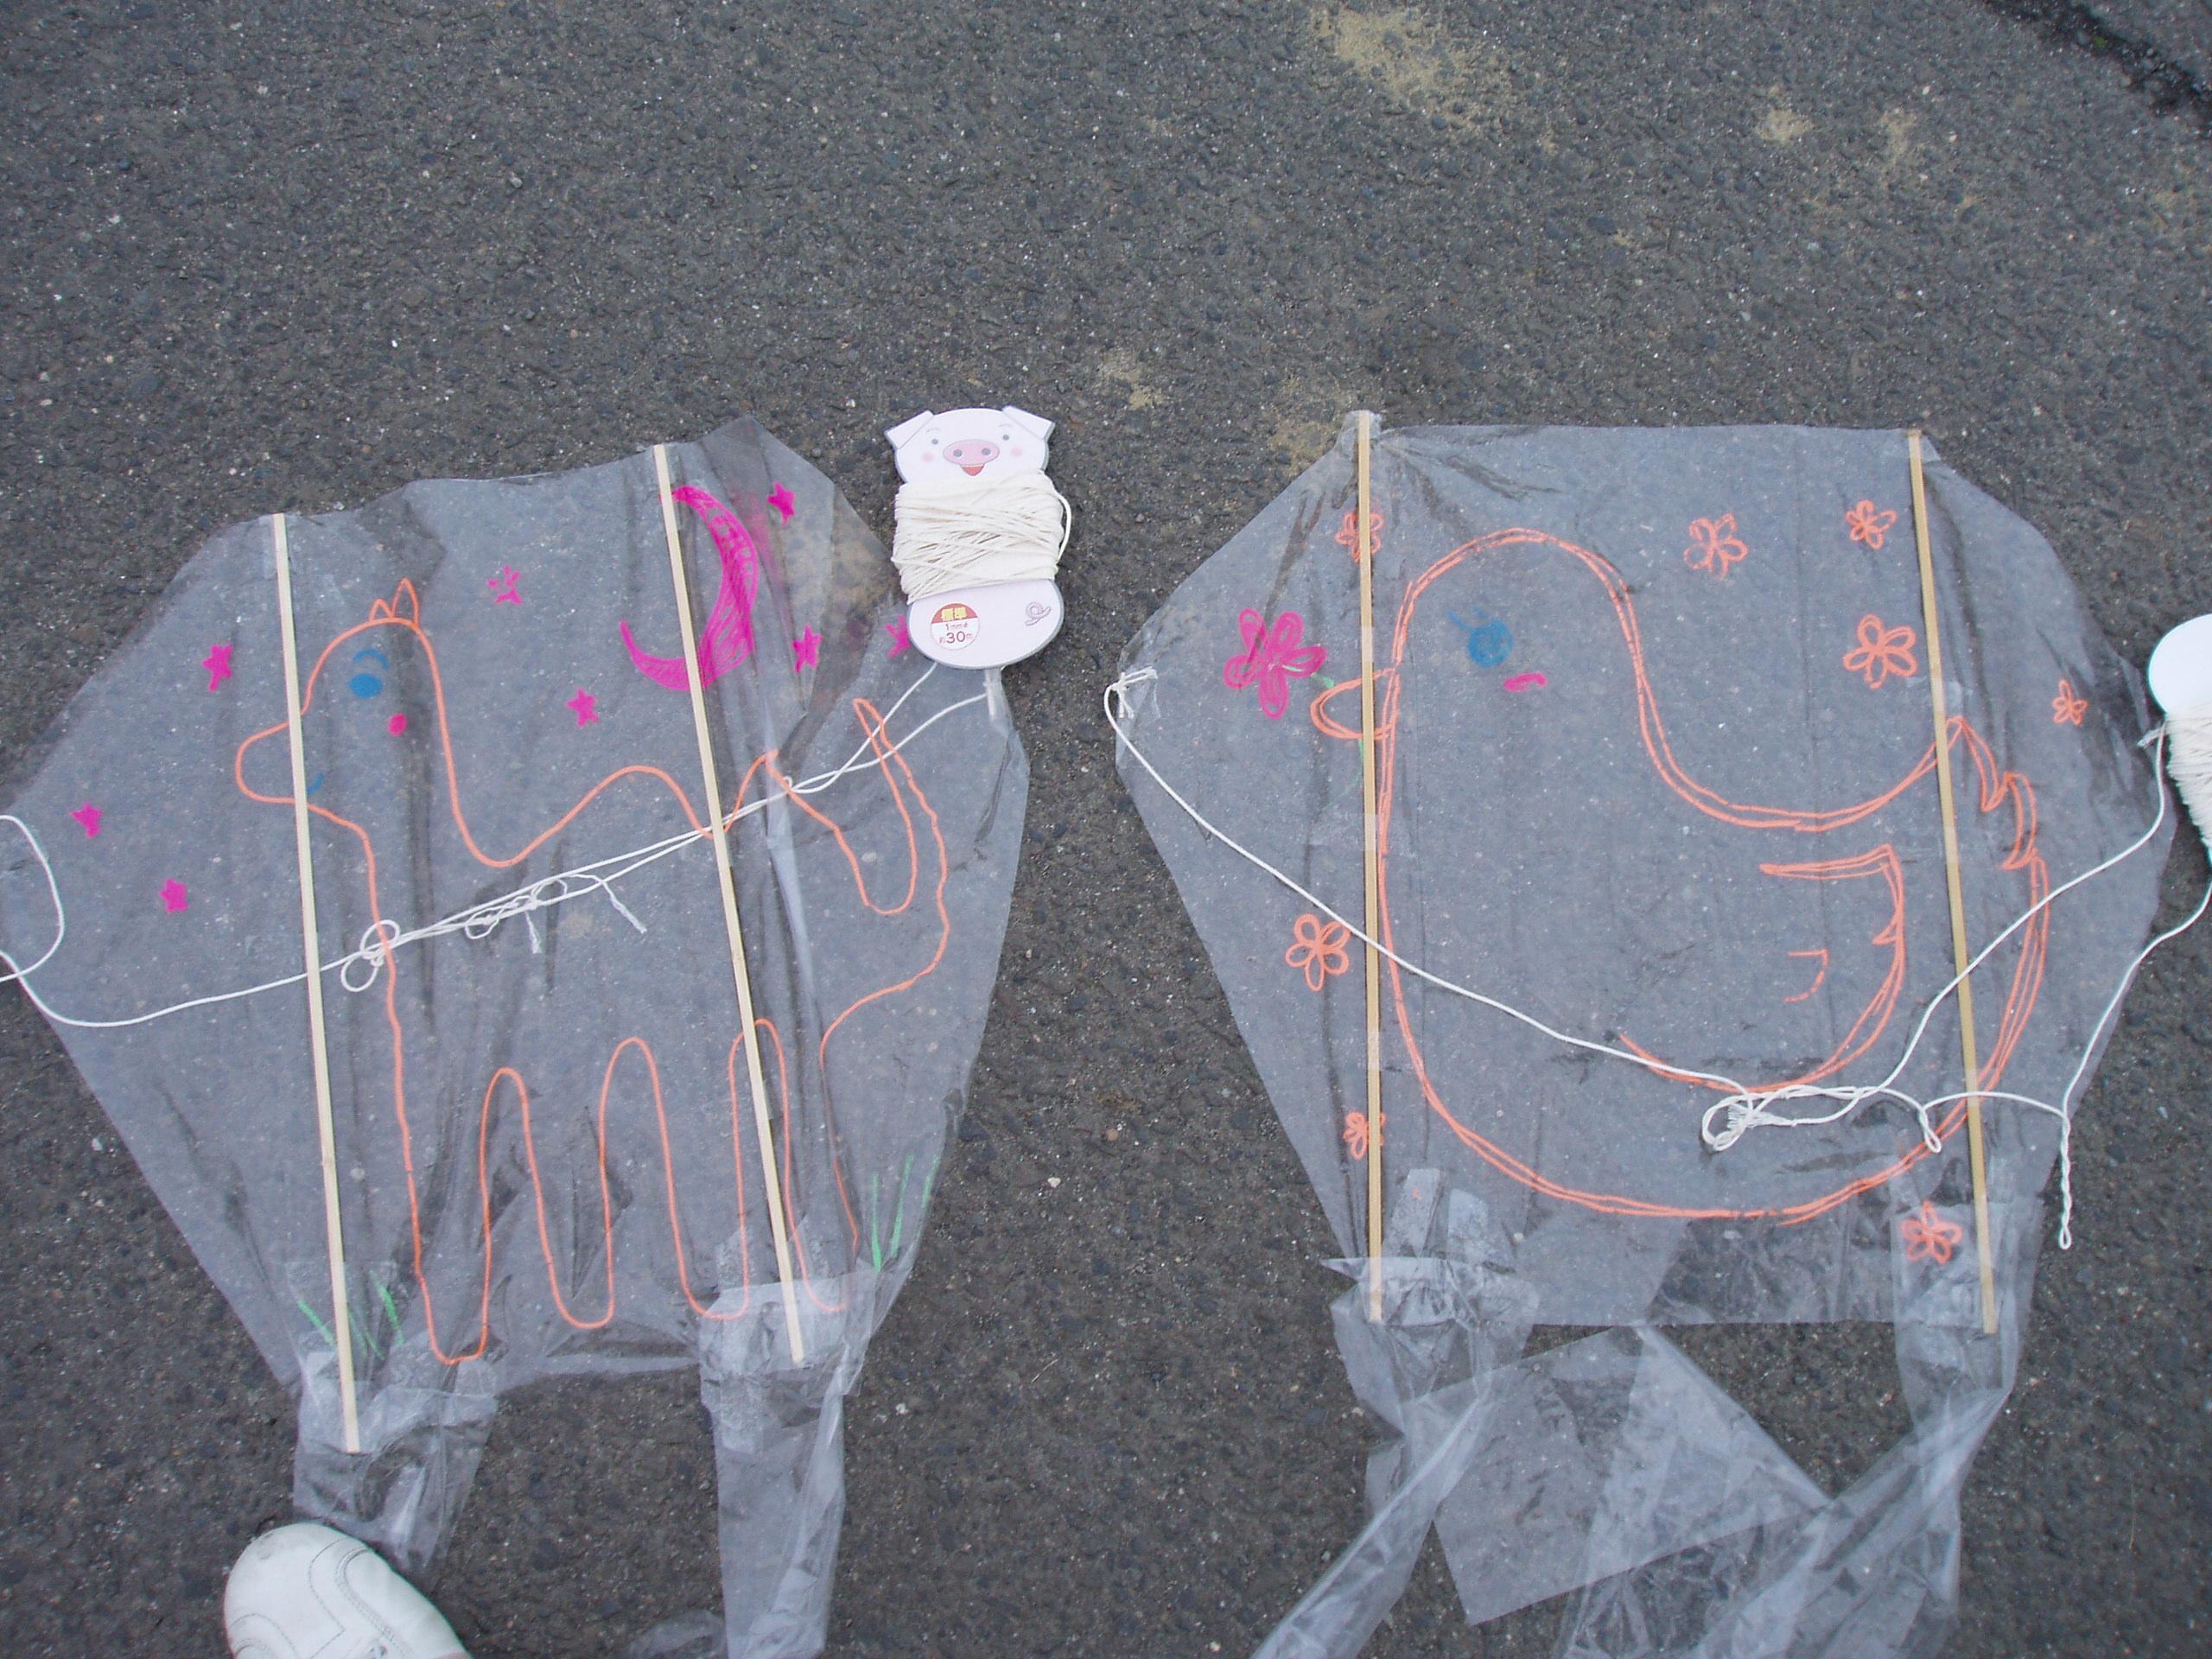 凧 手作り 簡単 ビニール袋とストローで作るふわふわ凧